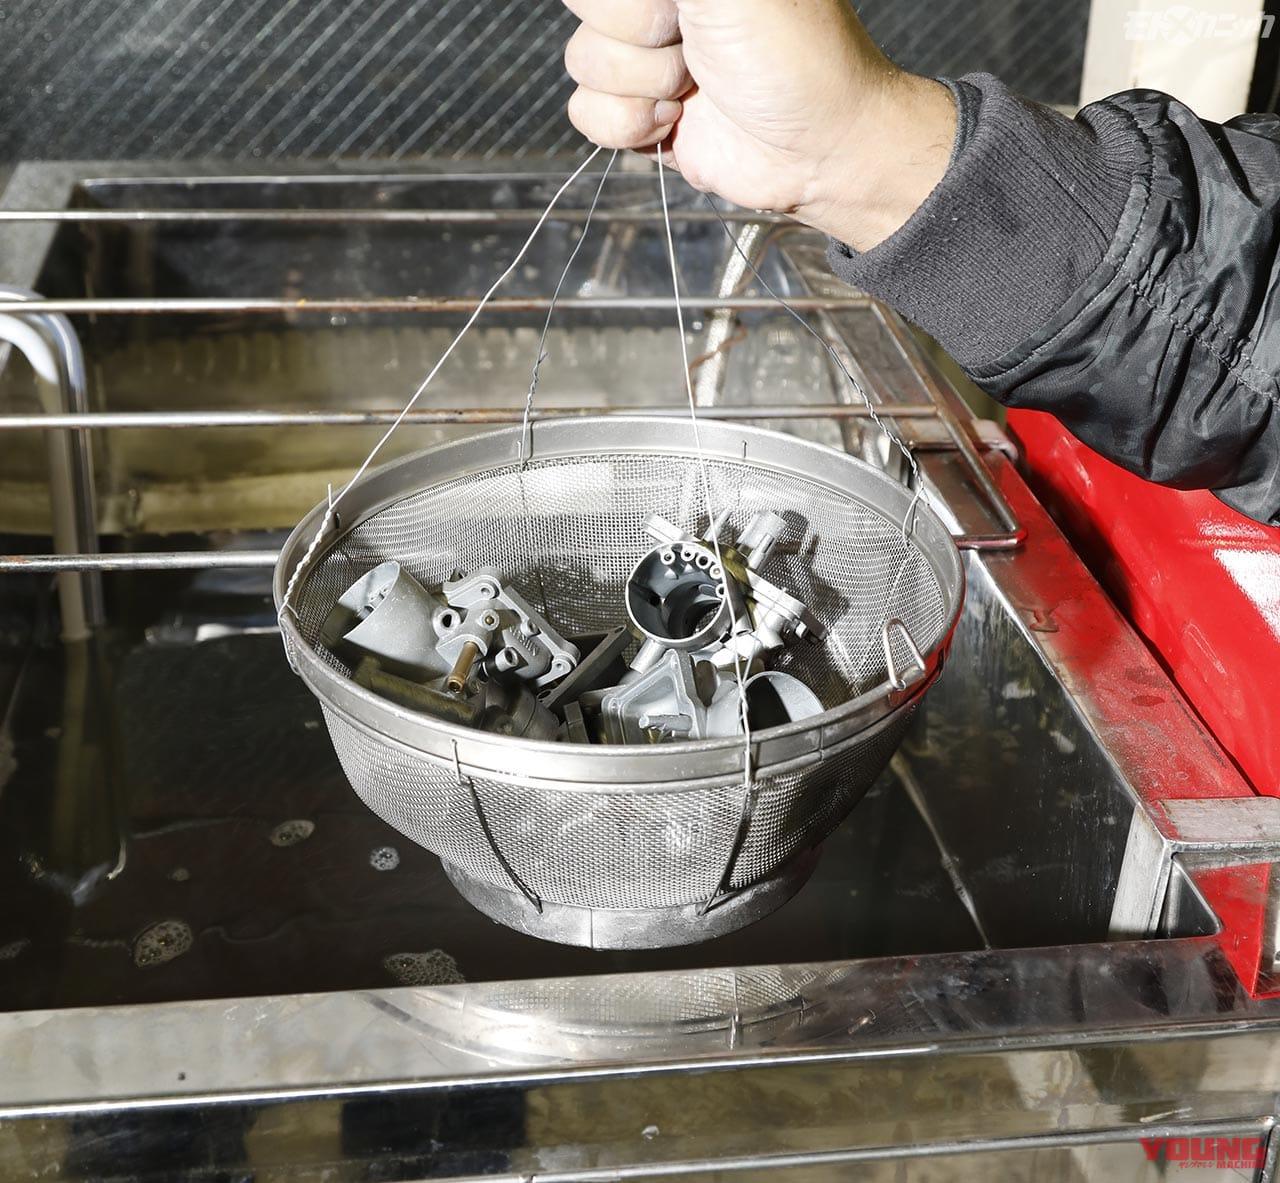 小物はザルに入れて洗浄するのが高効率